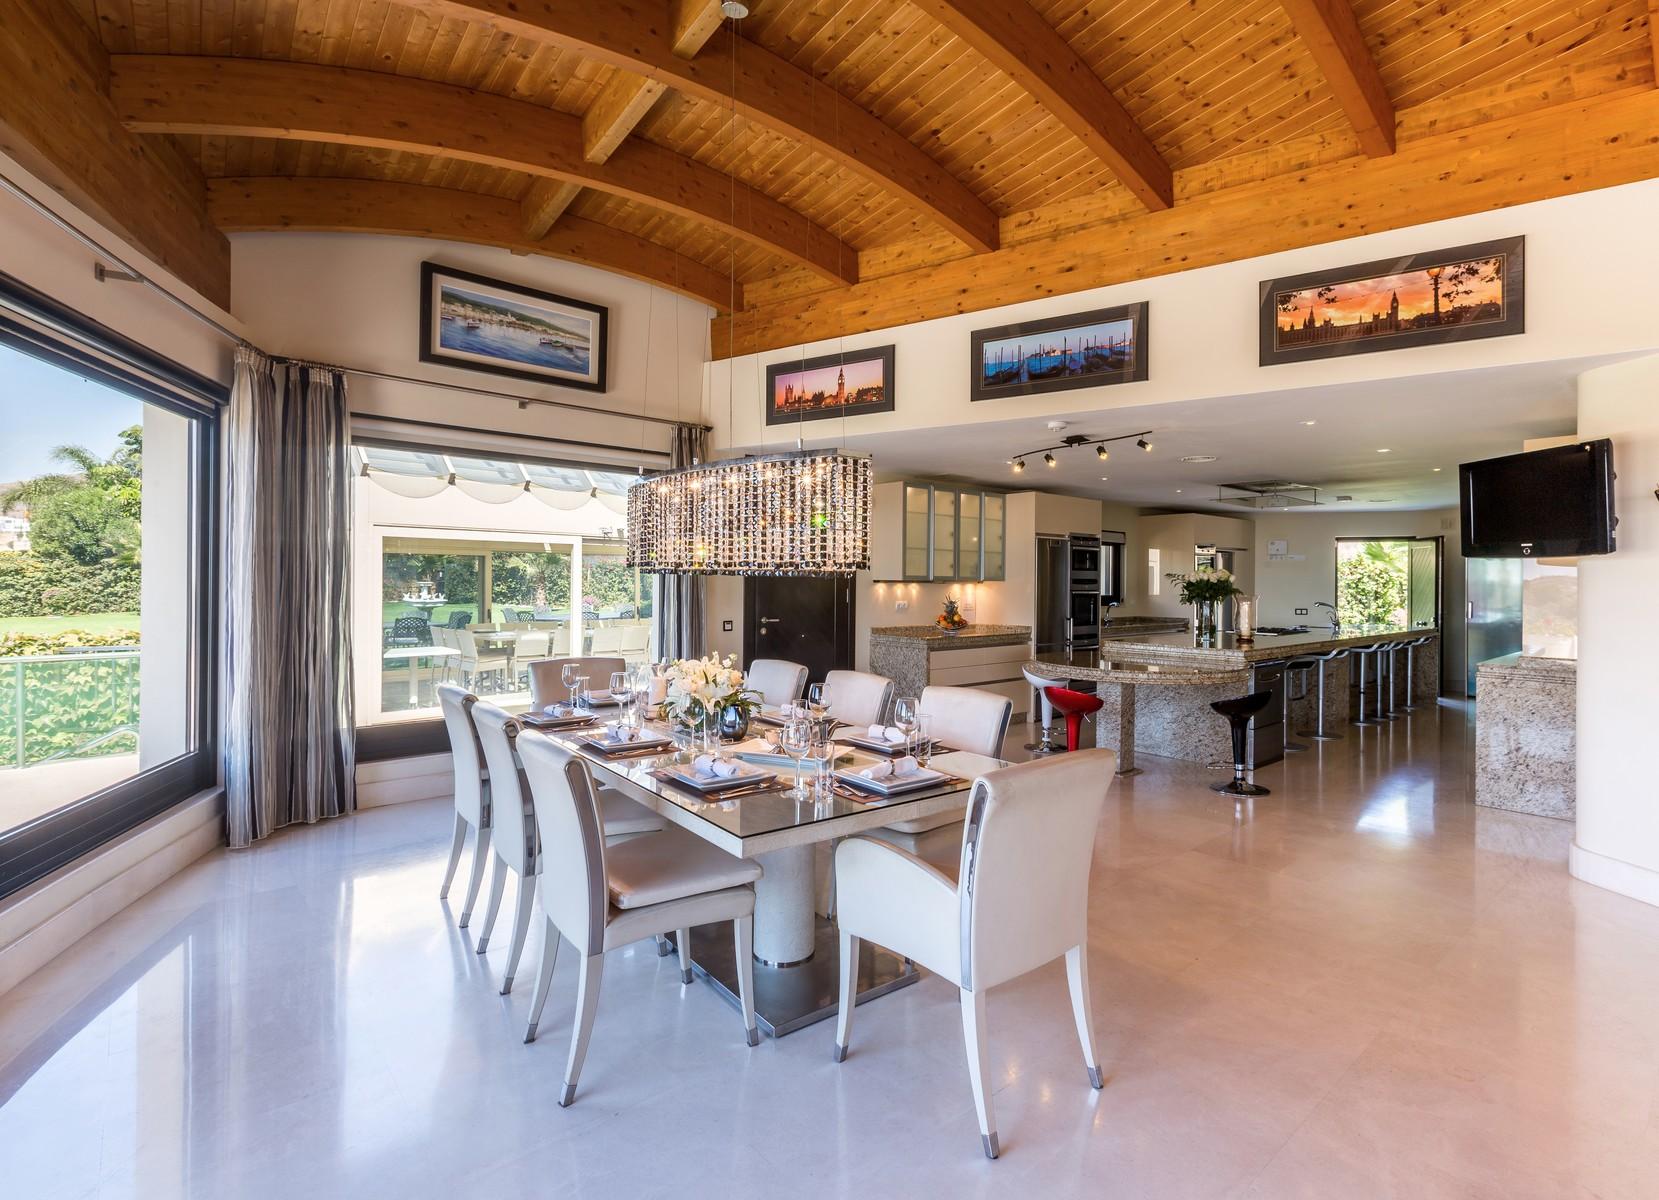 14-villa-el-cano-dining